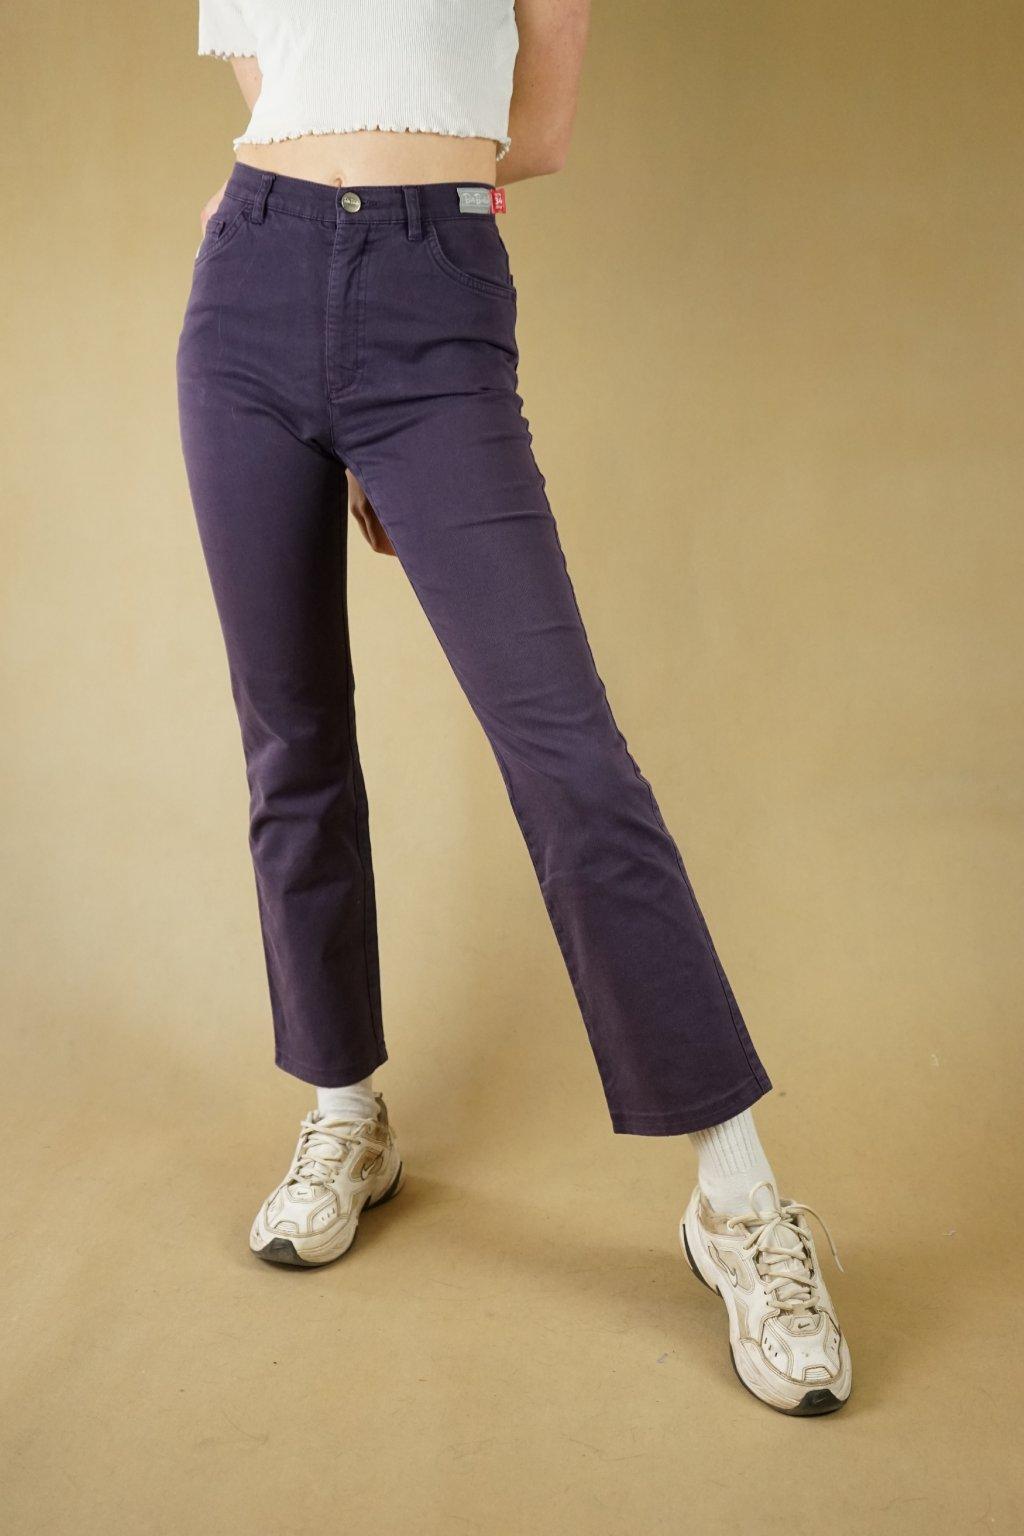 Fialové džíny Betty Barclay vel. XS/S